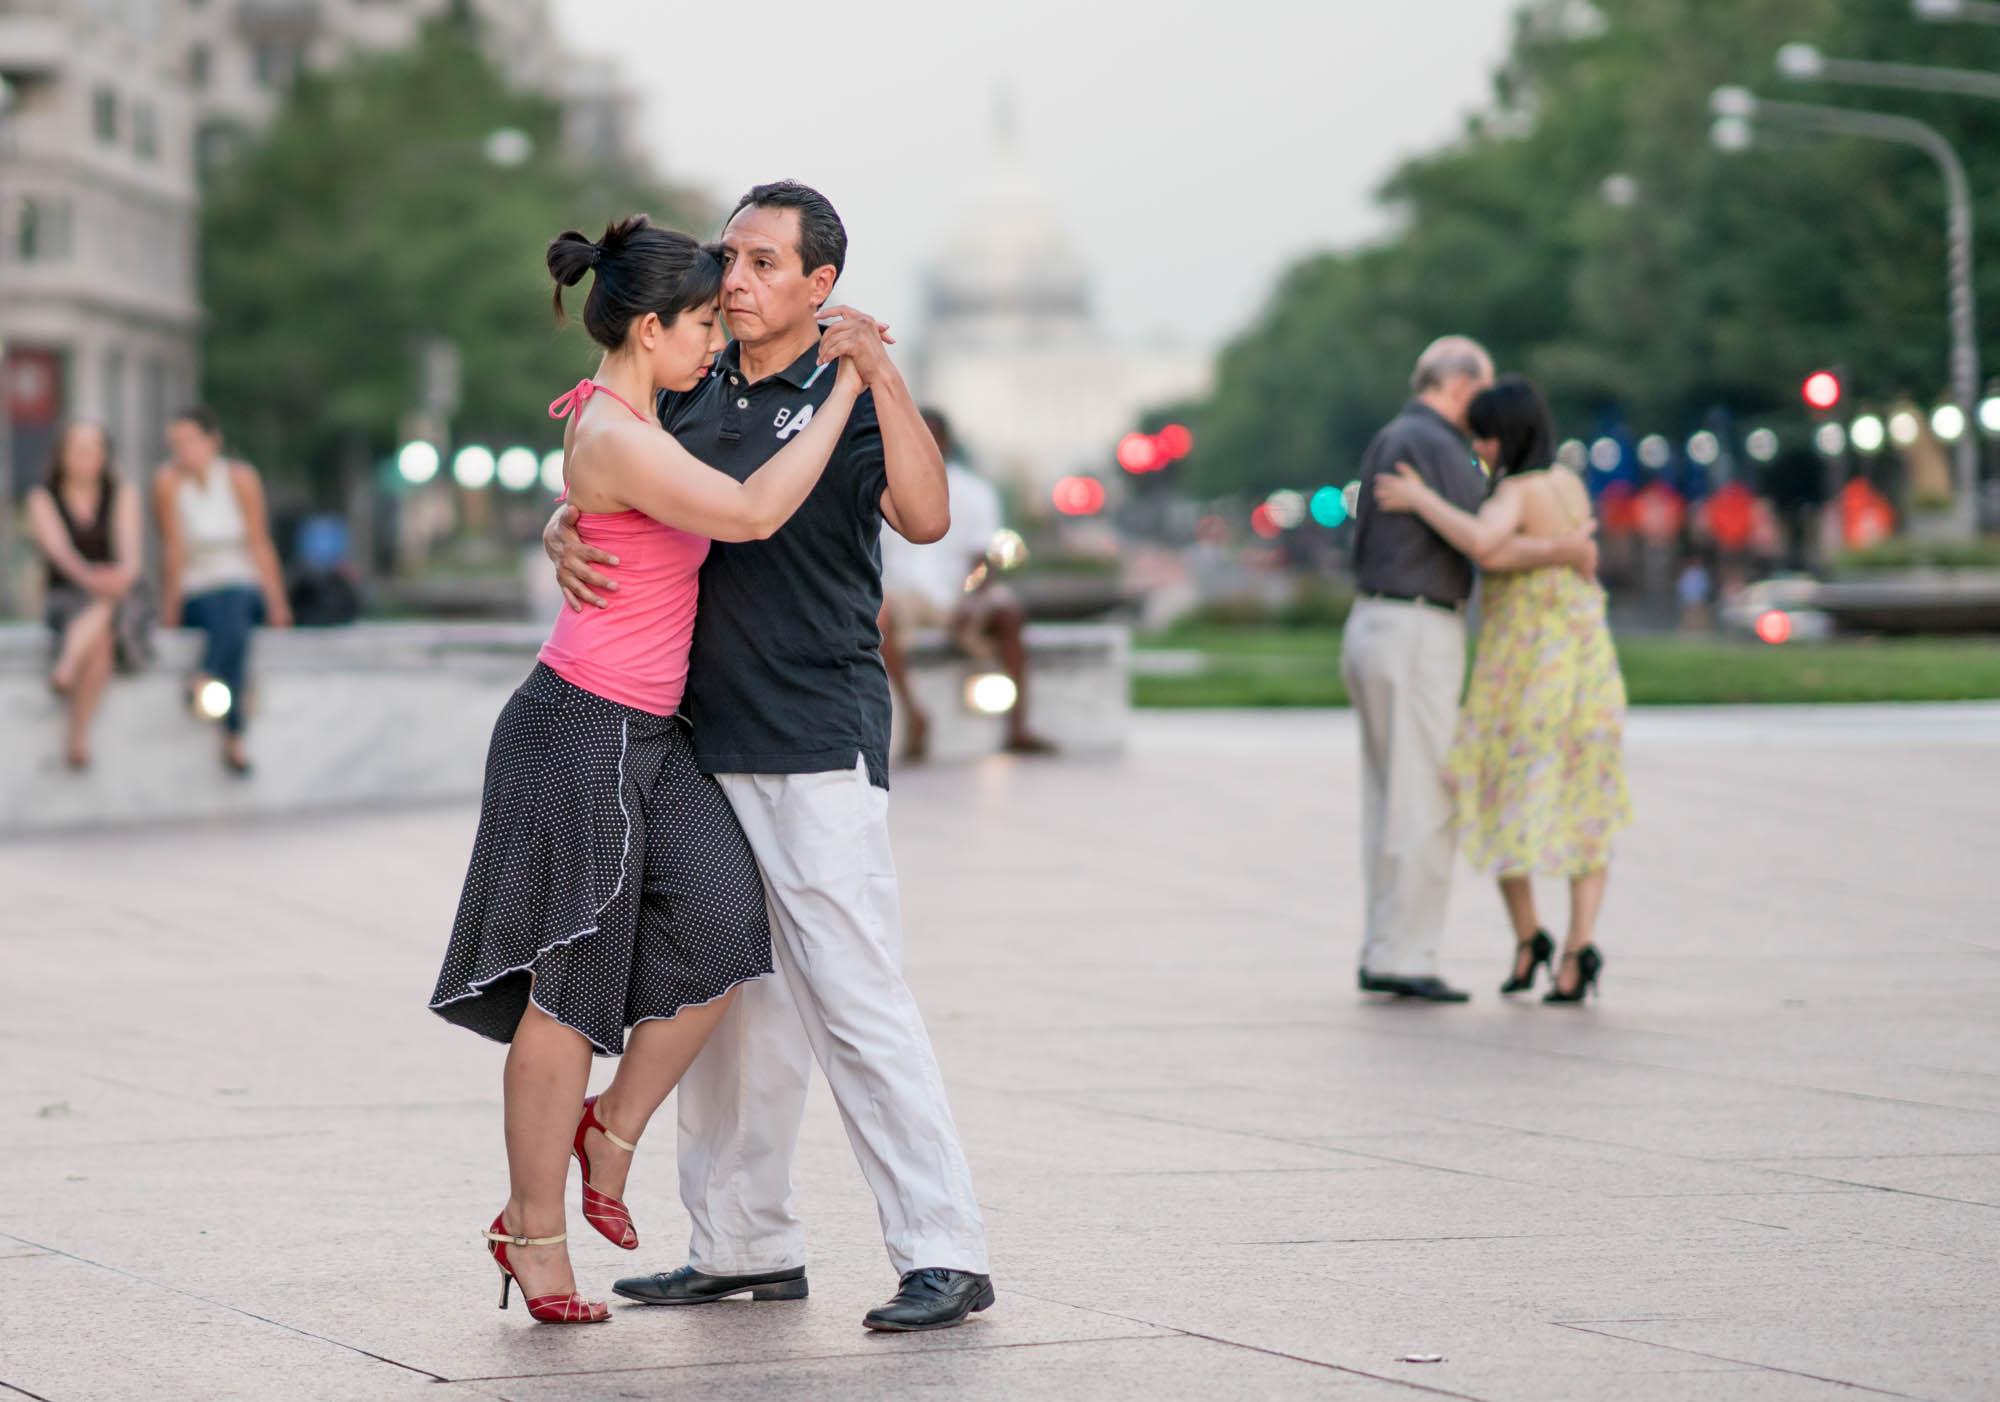 Tango or Salsa?